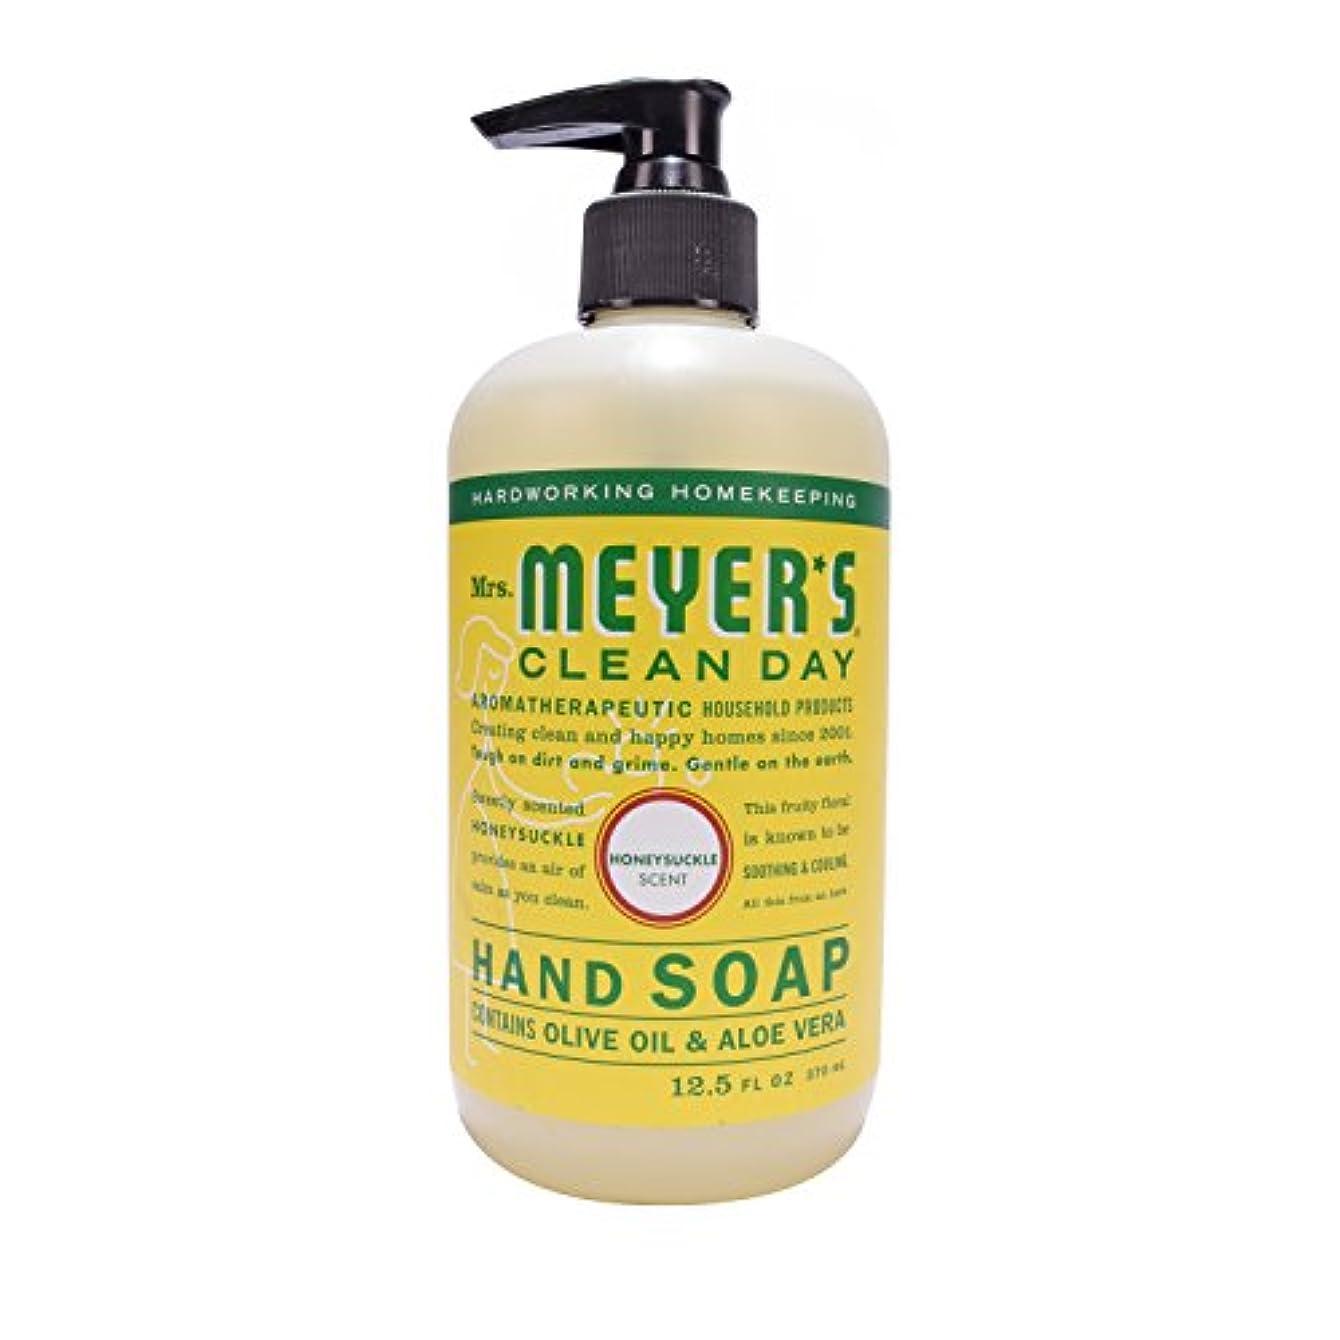 漁師警告するピアニストMrs. Meyer's Clean Day Hand Soap Liquid, Honeysuckle, 12.5-Fluid Ounce Bottles by Mrs. Meyer's Clean Day